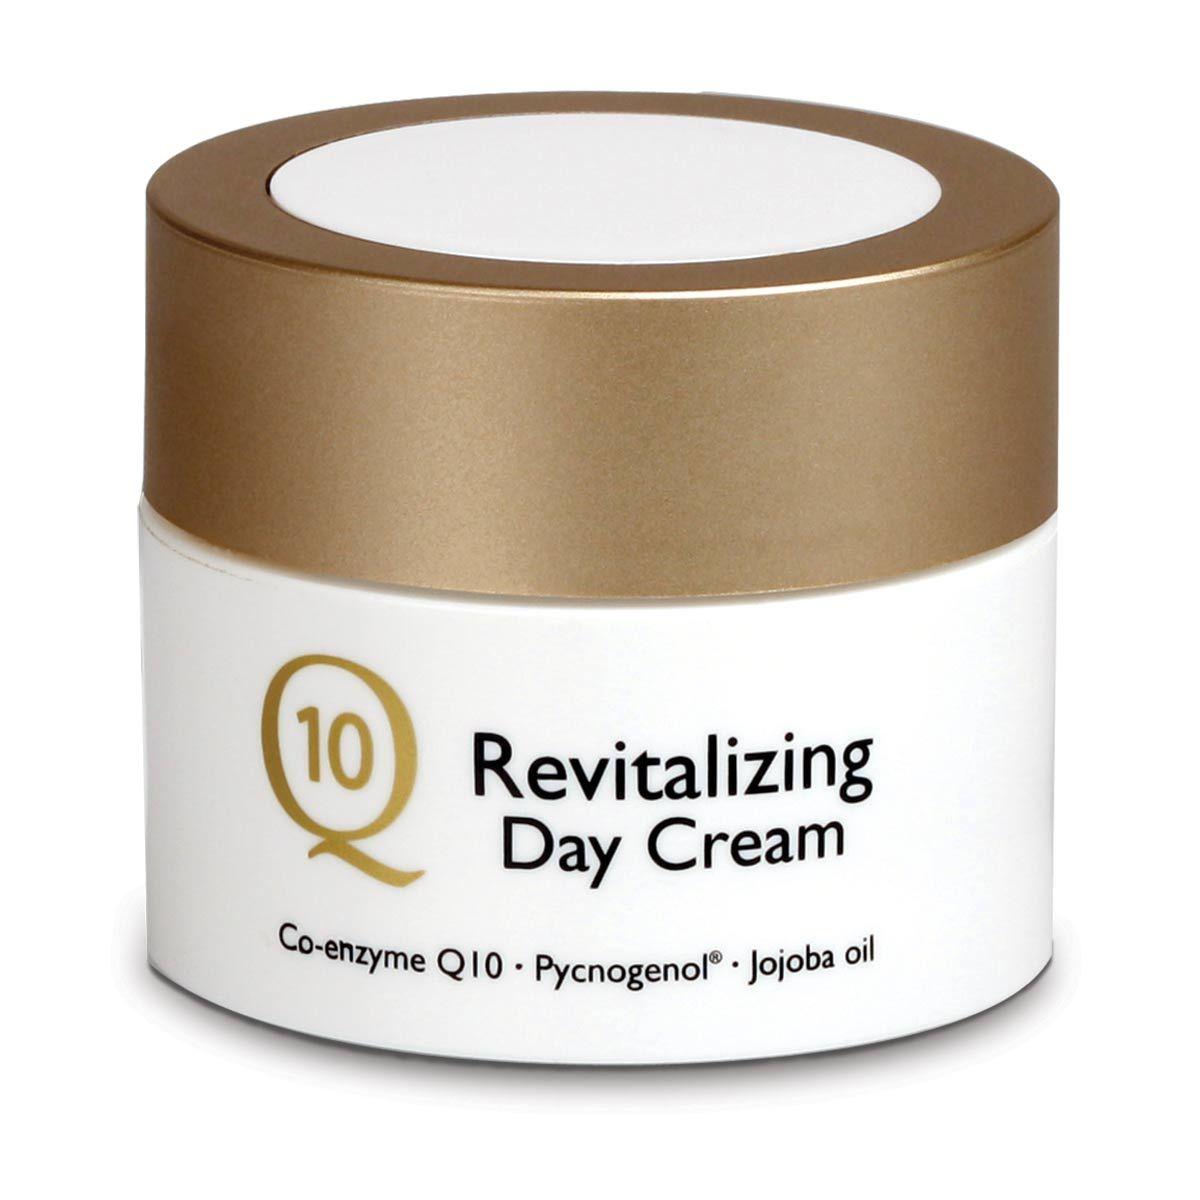 Q10 Revitalizing Day Cream 50ml